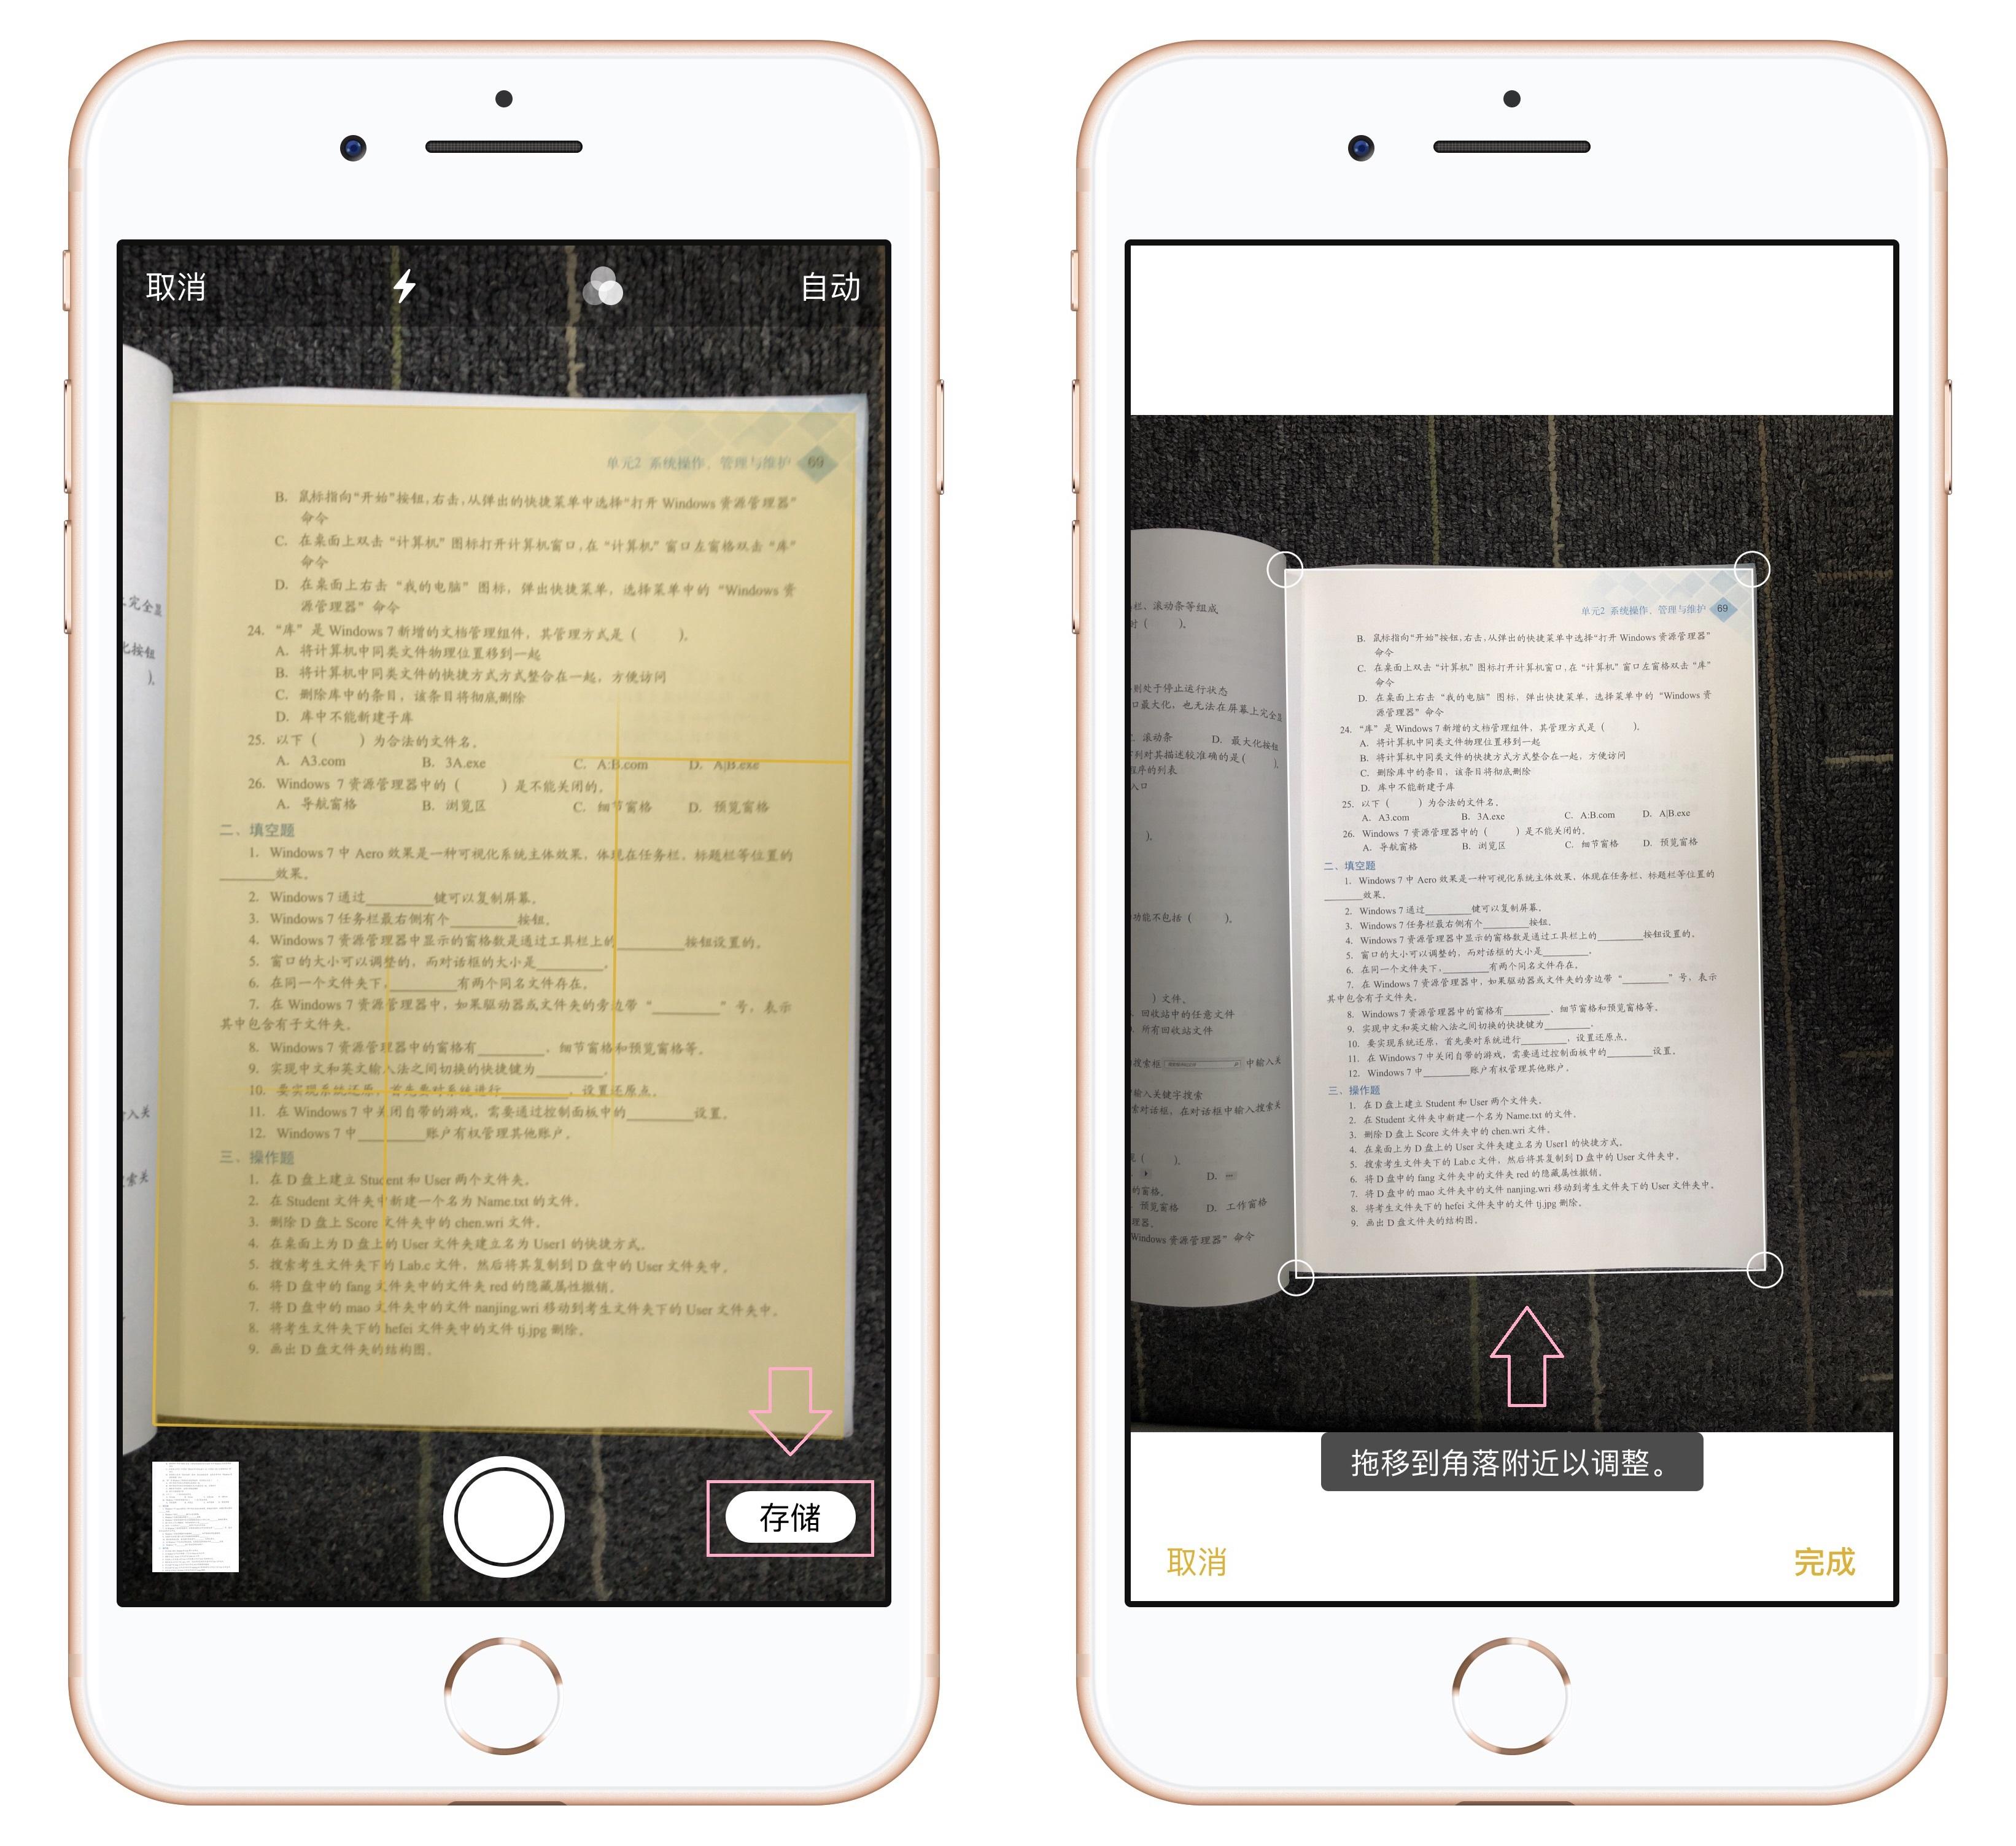 用了5年iPhone,才发现手机隐藏扫描仪!纸质文档1秒电子化